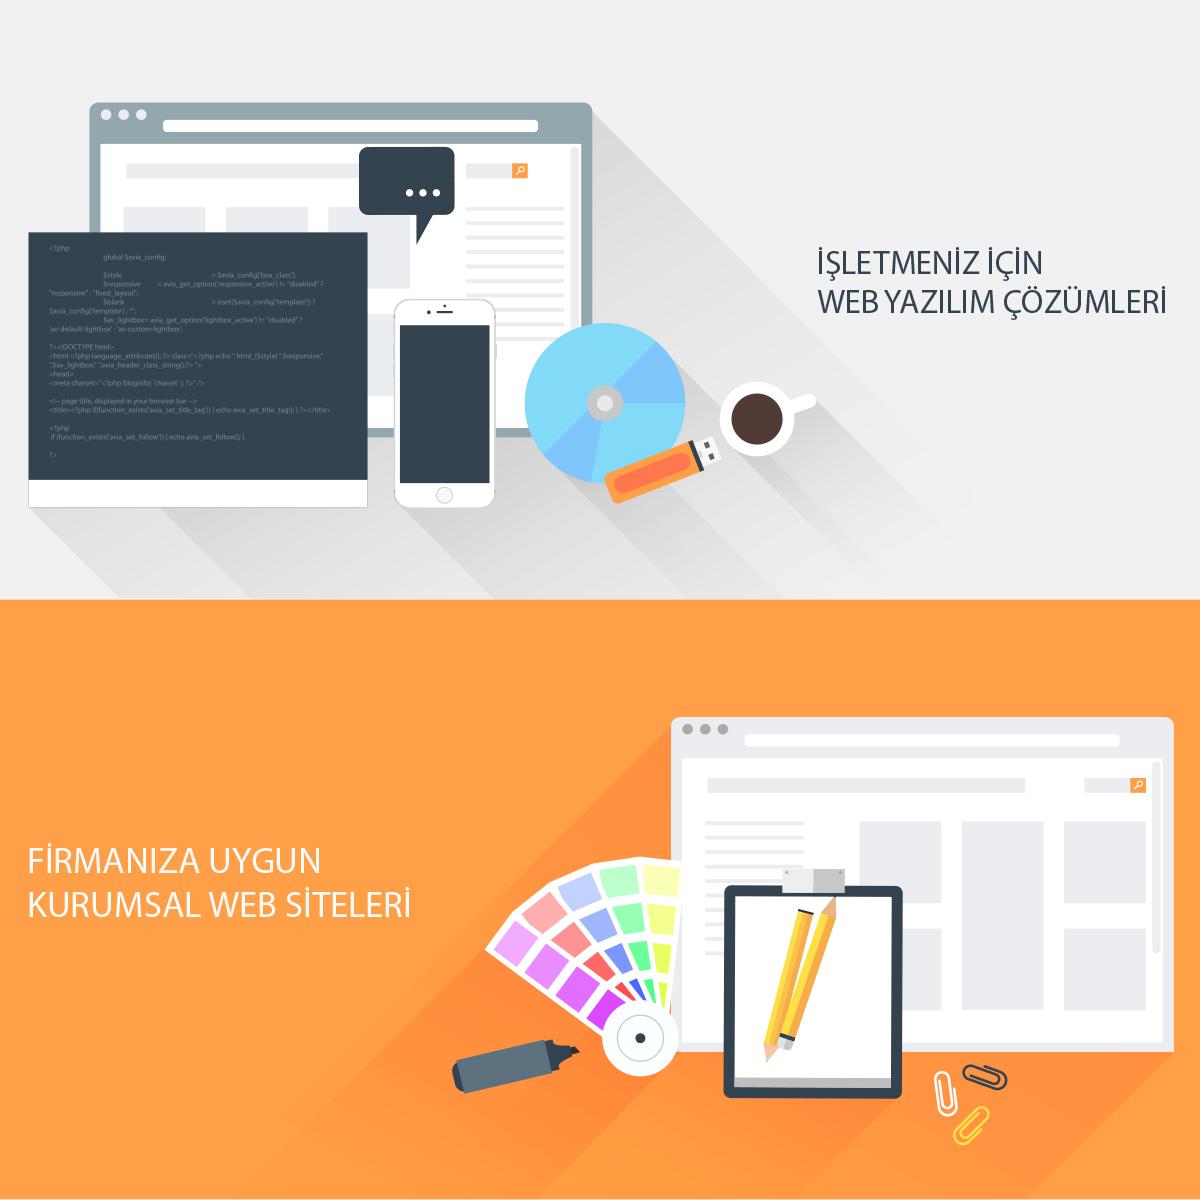 Как установить шаблон дизайна сделанный вшопе на сайт